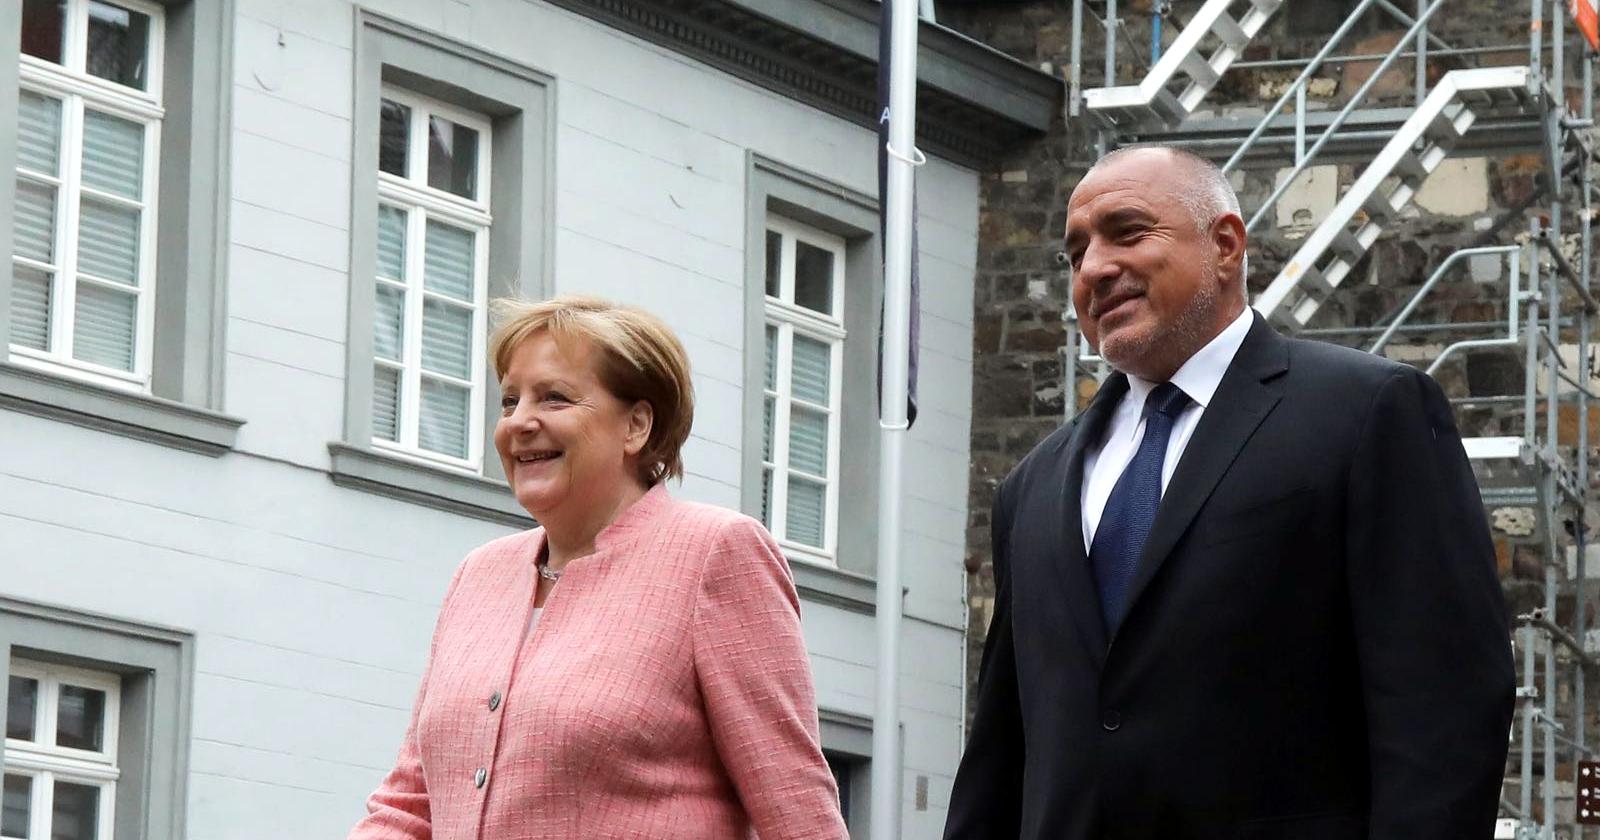 Bułgarscy przewoźnicy będą dziś protestować. Premier Borisow nie przekonał Merkel i Macrona